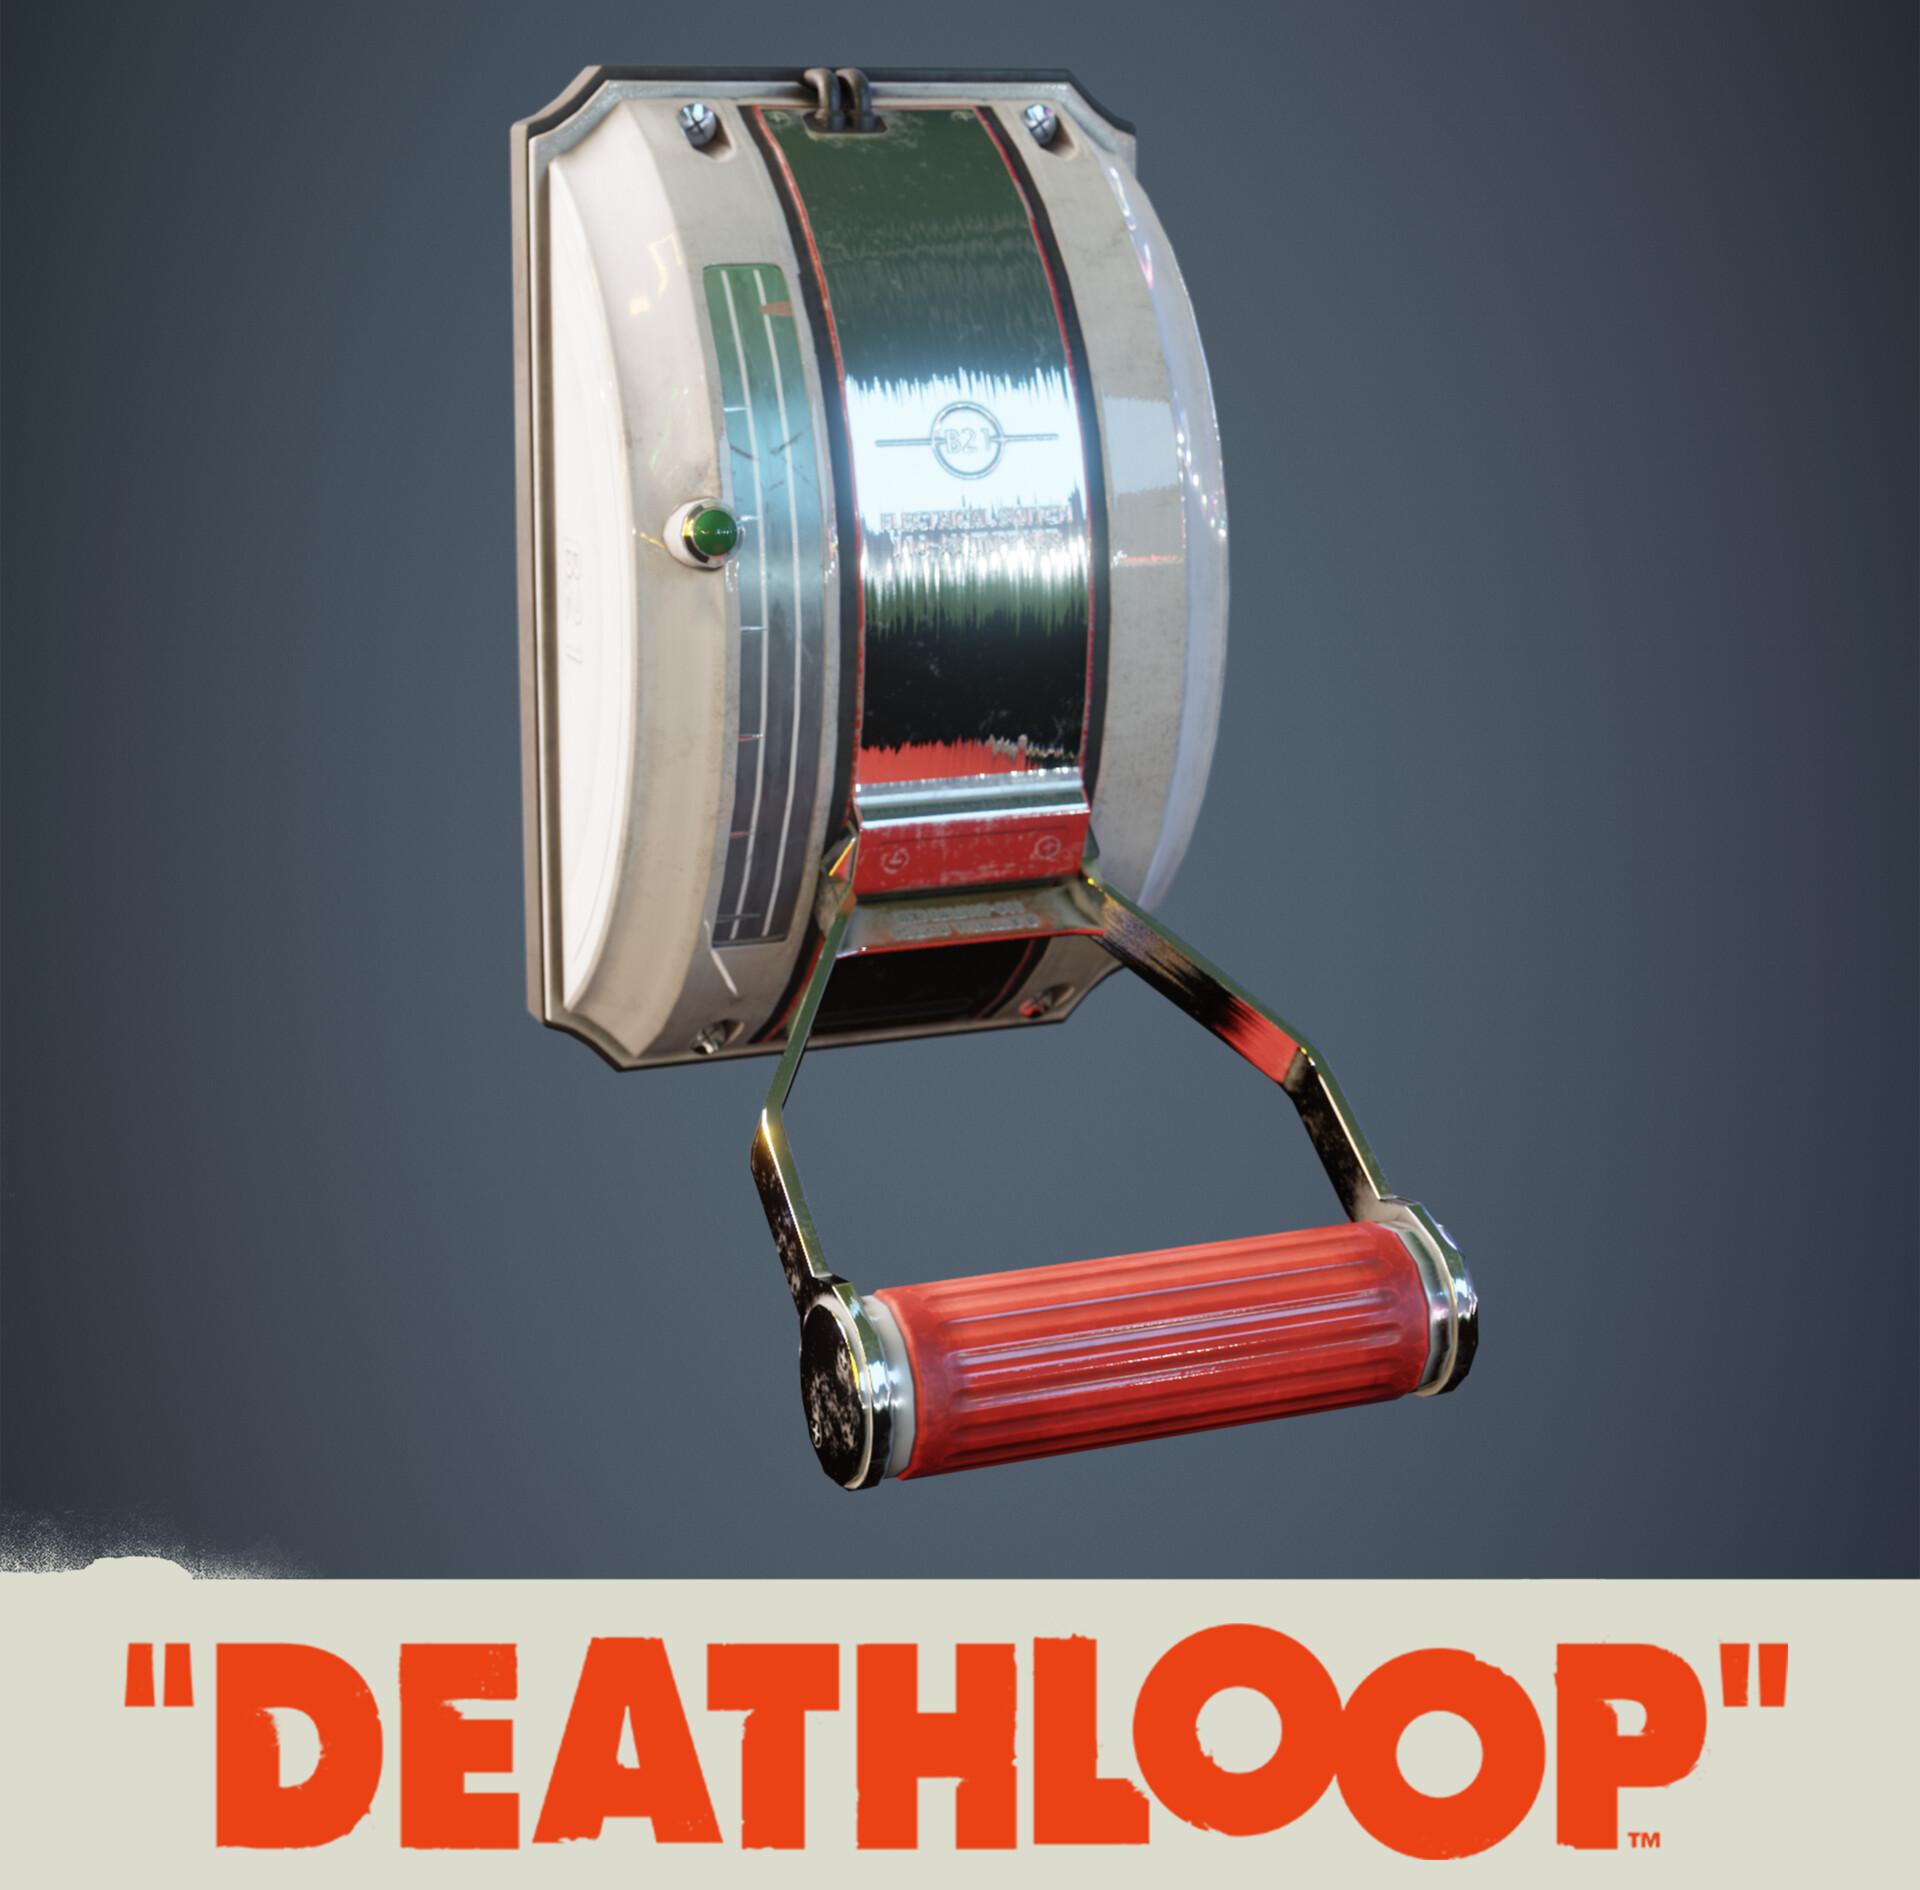 Lever: Deathloop Prop